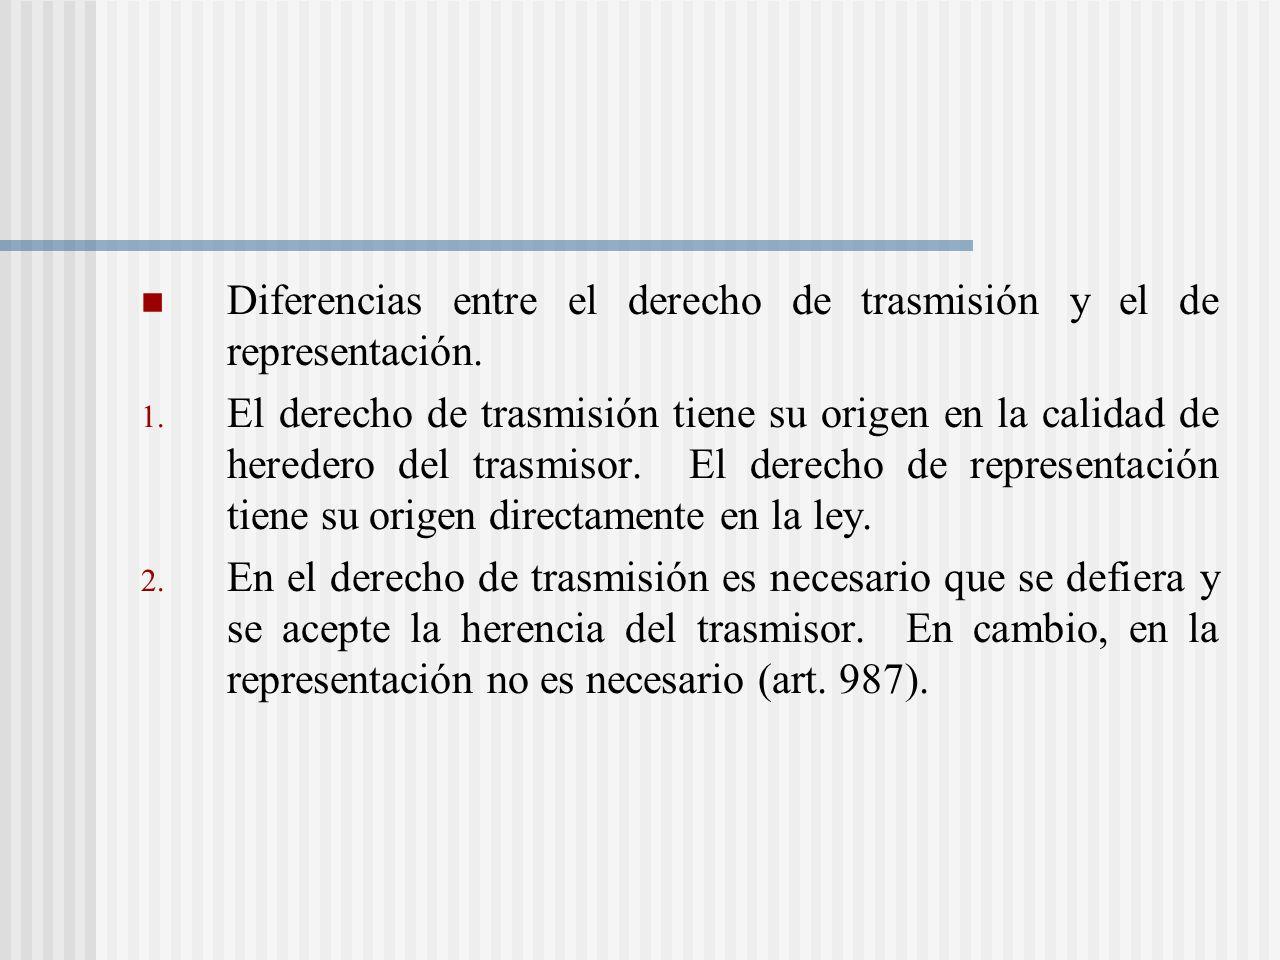 Diferencias entre el derecho de trasmisión y el de representación.